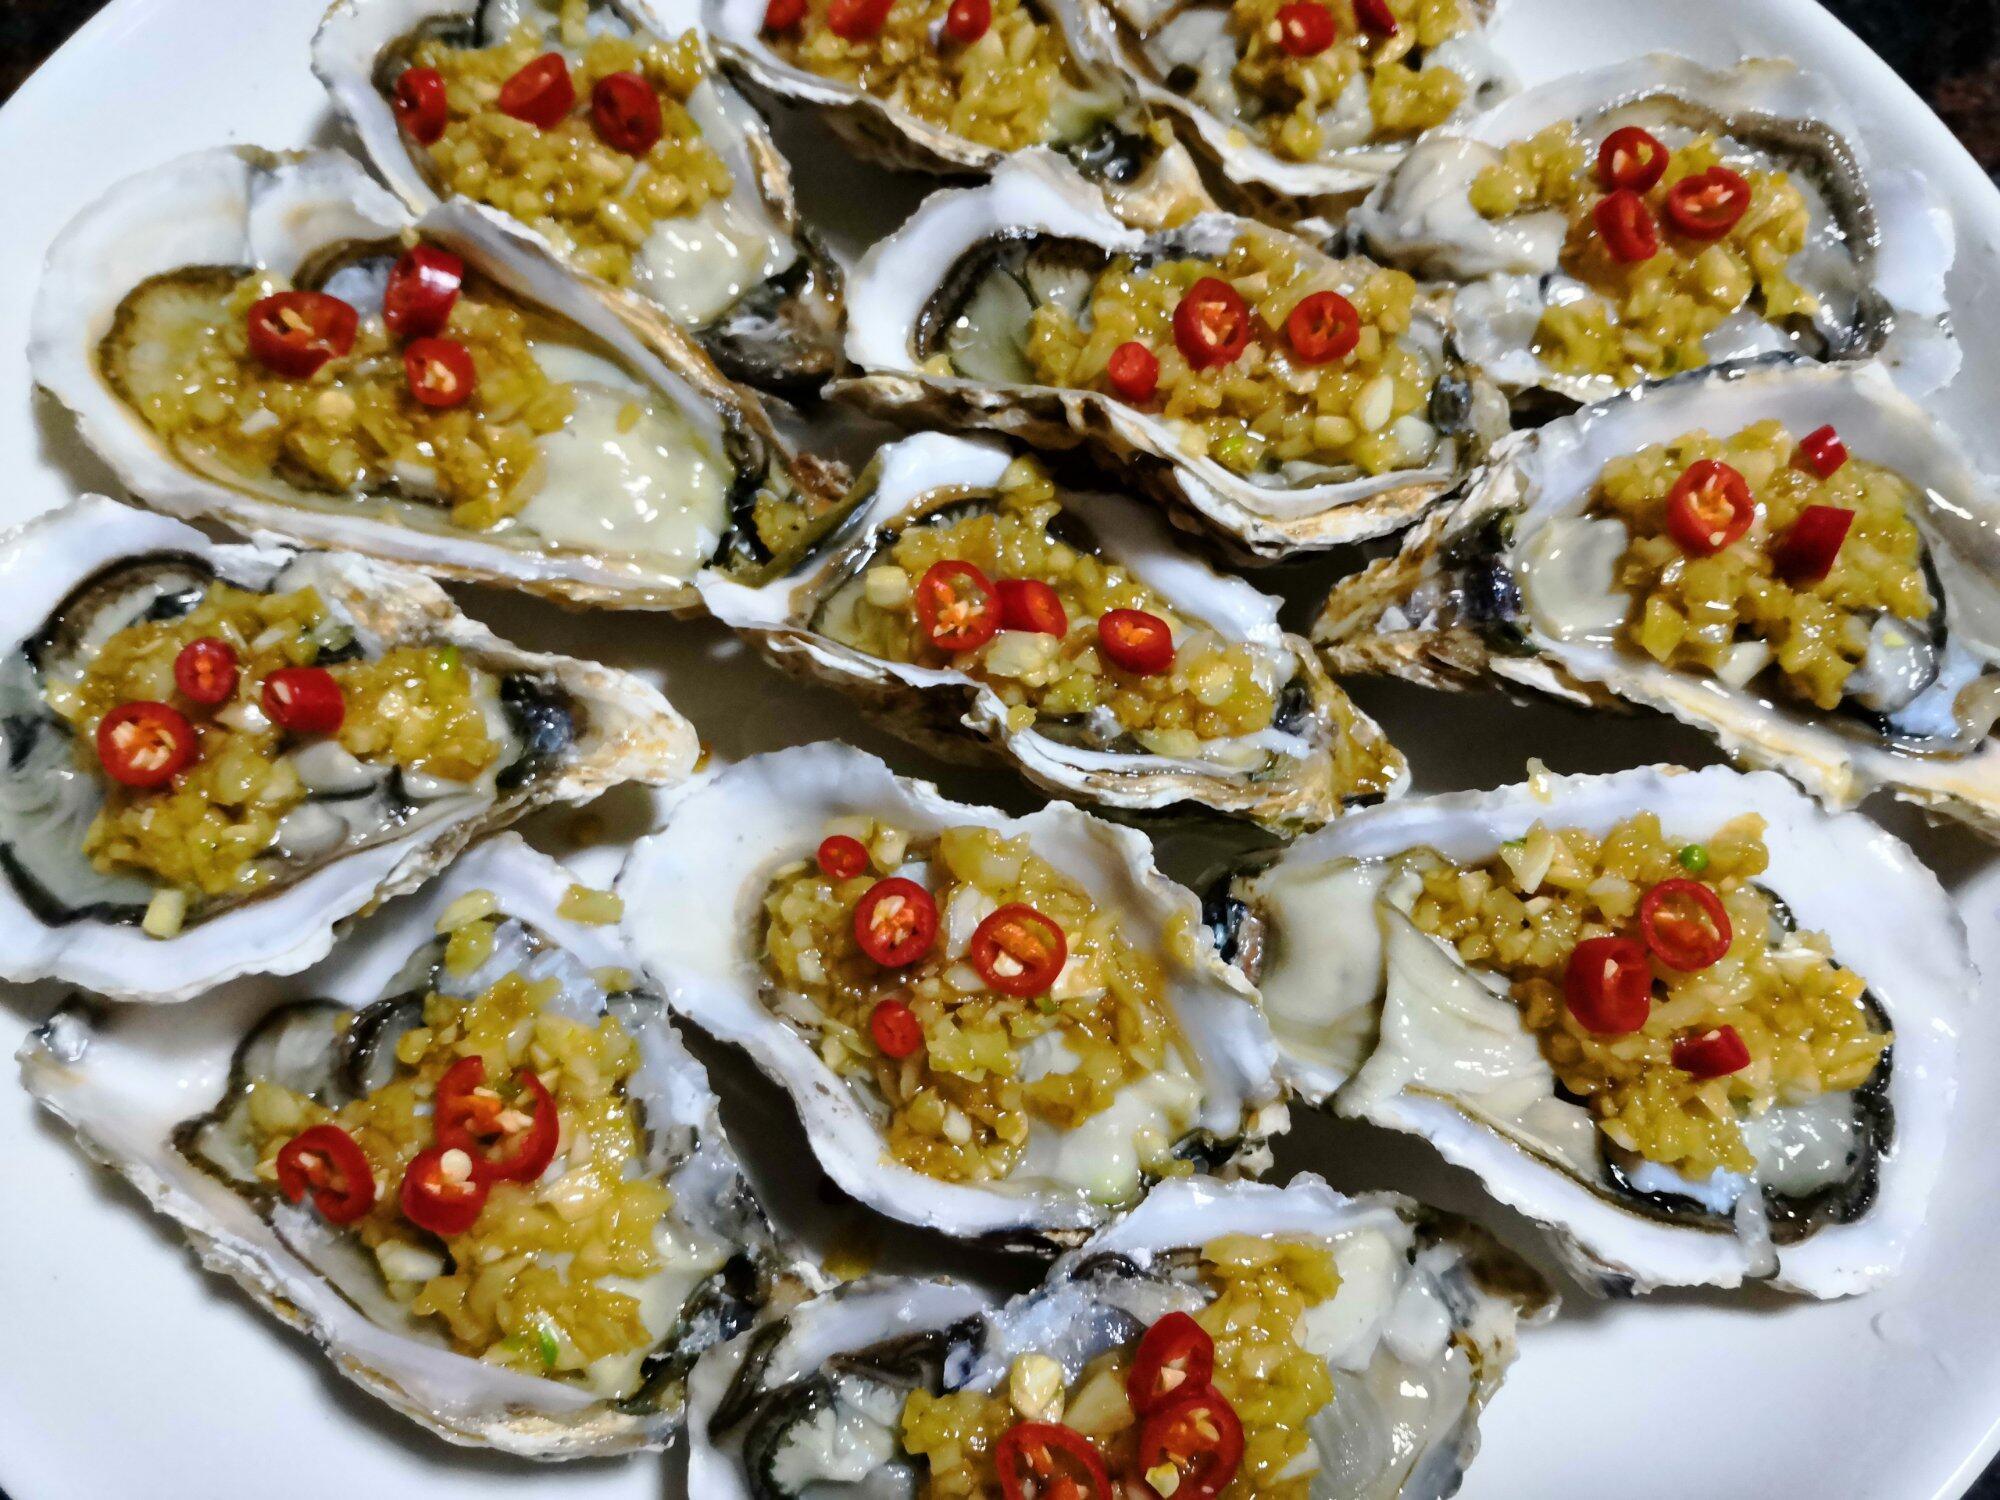 金银大生蚝 保留生蚝原鲜味融合金银调味料,超好吃。